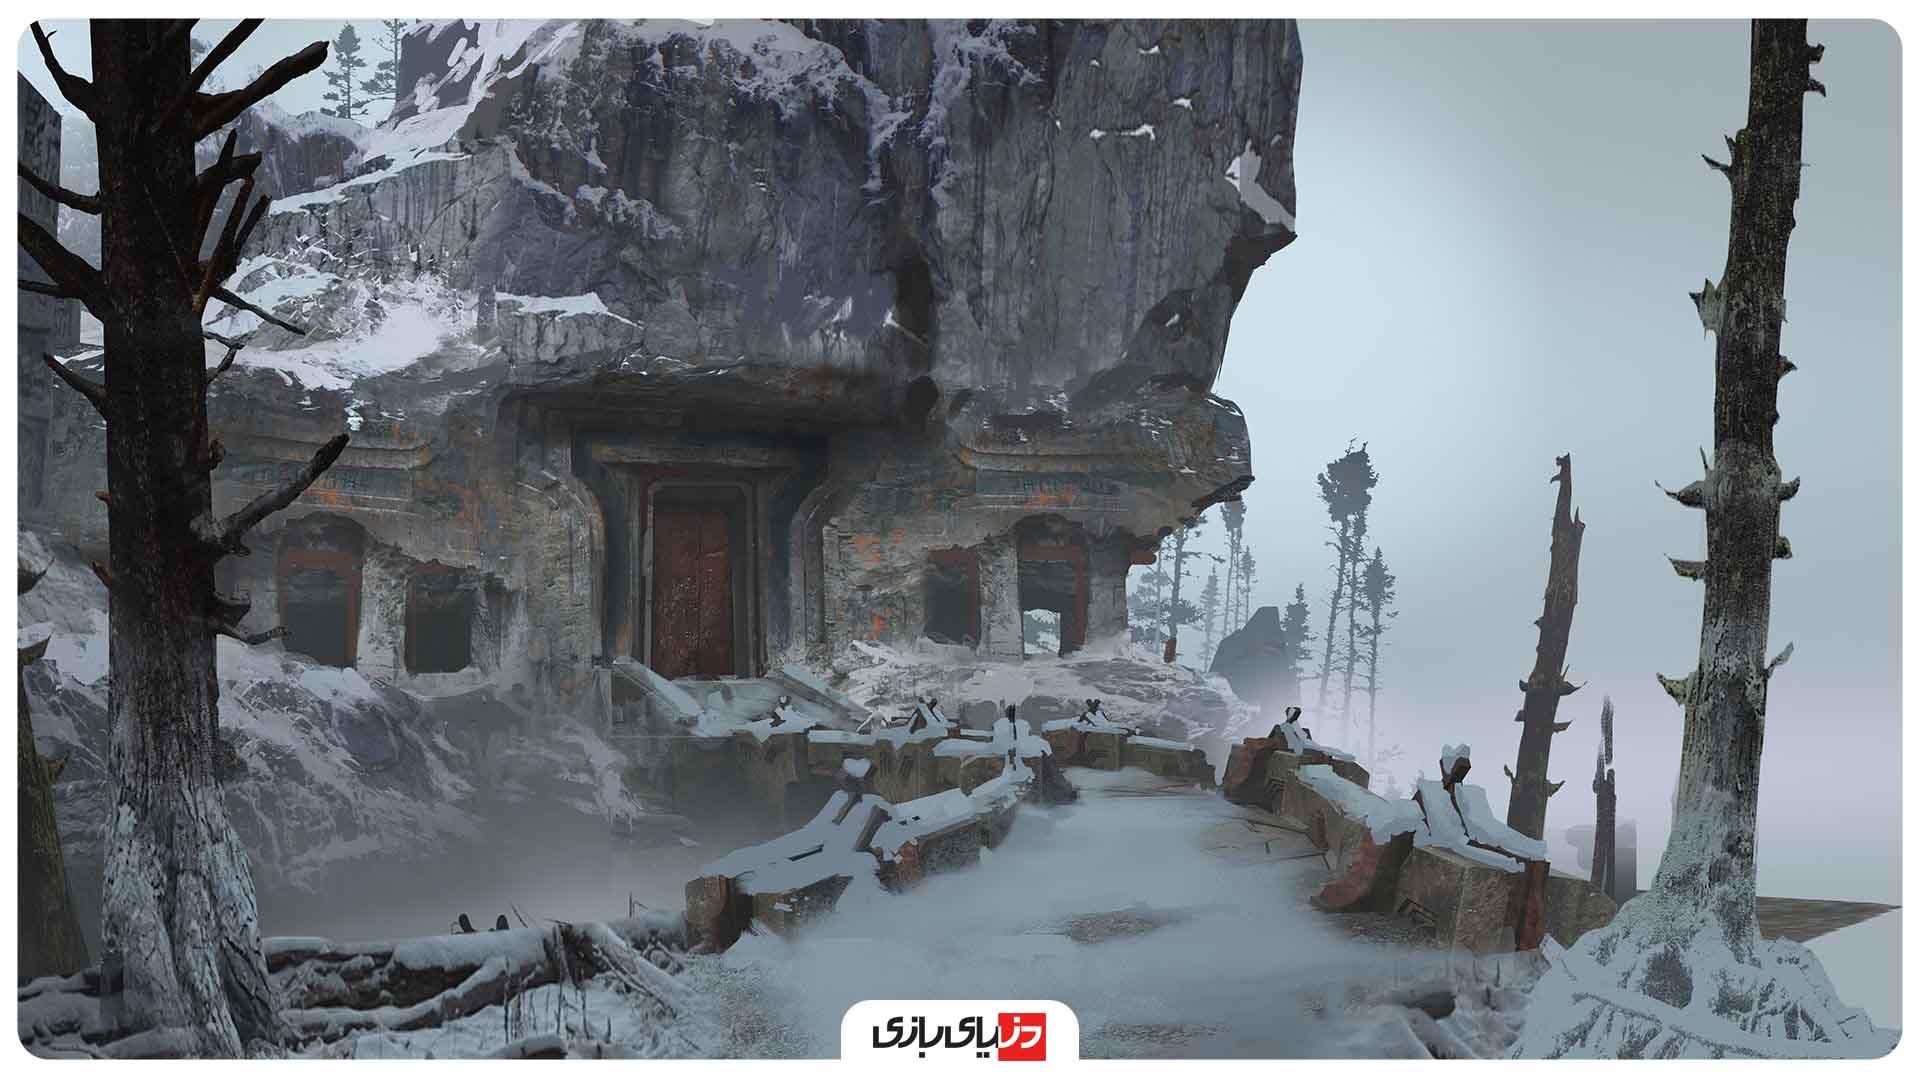 نکات بازی خدای جنگ - راه رفتن در برف و شن